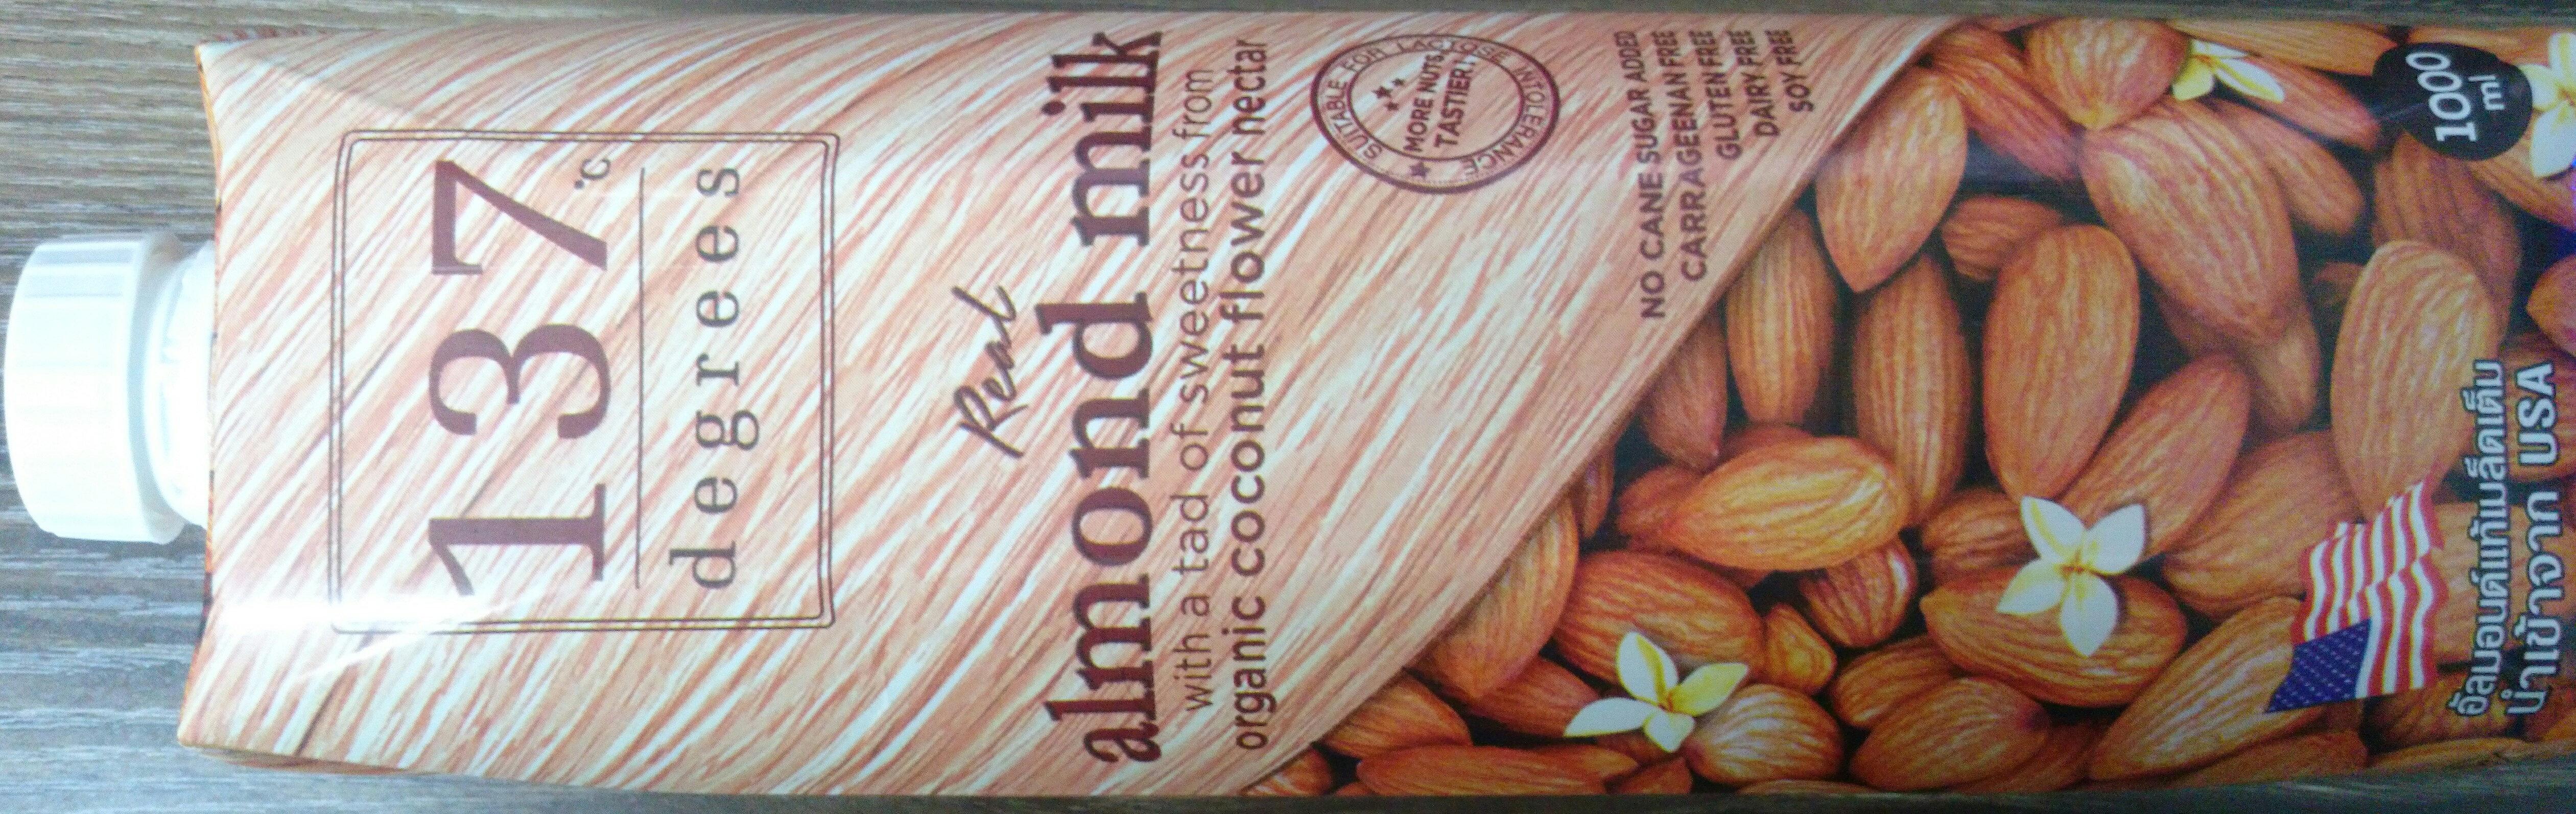 Real Almond Milk - Sản phẩm - en